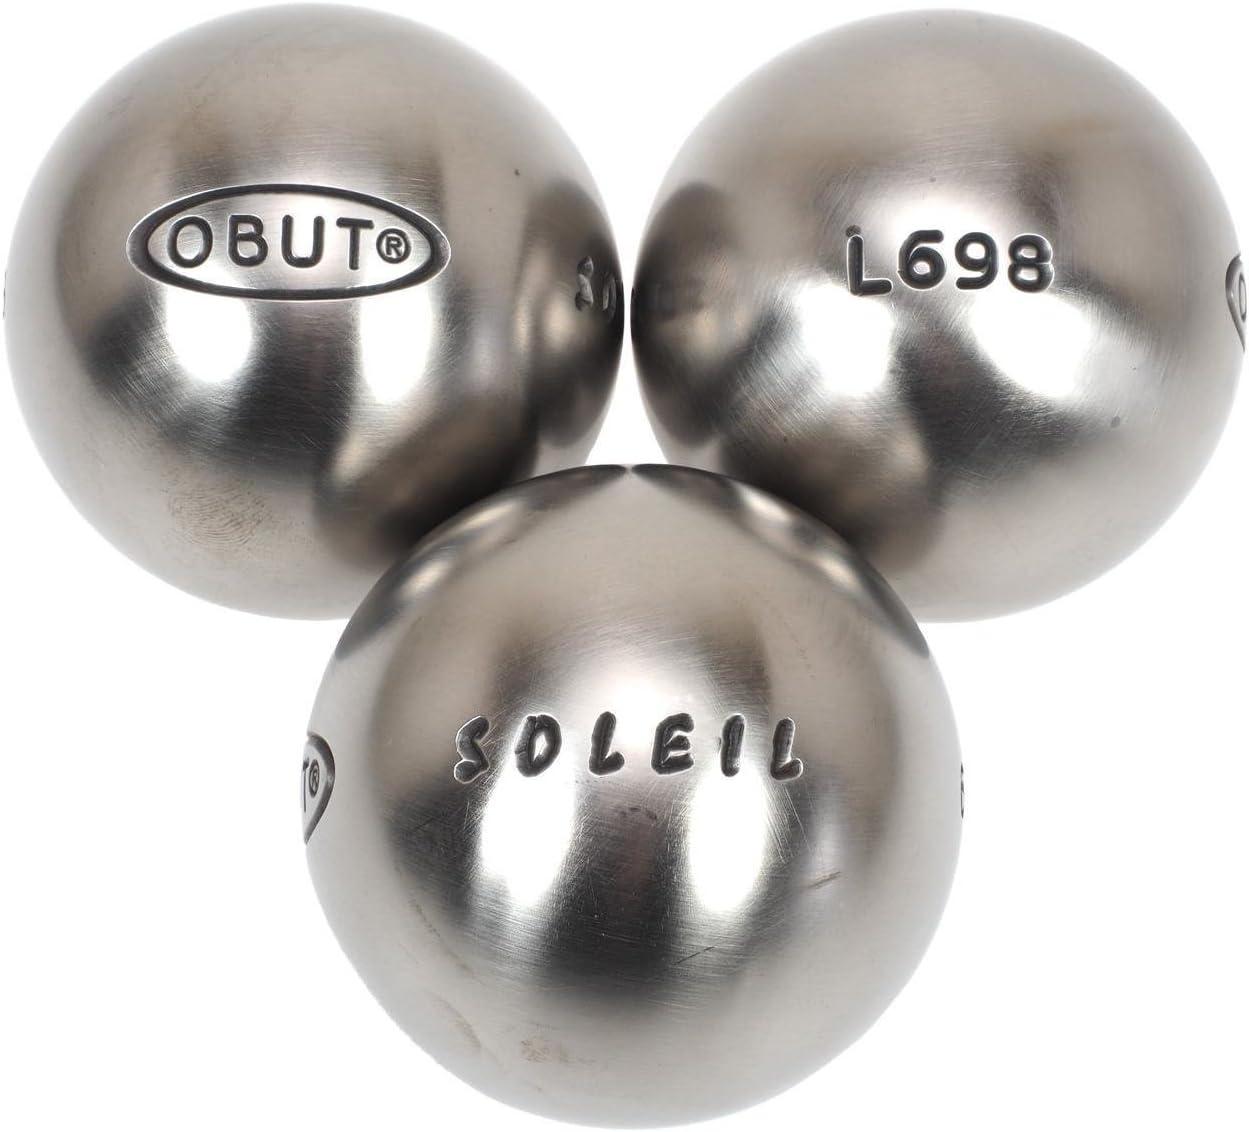 Obut Soleil 110 Tendre 74 mm - Bolas de petanca